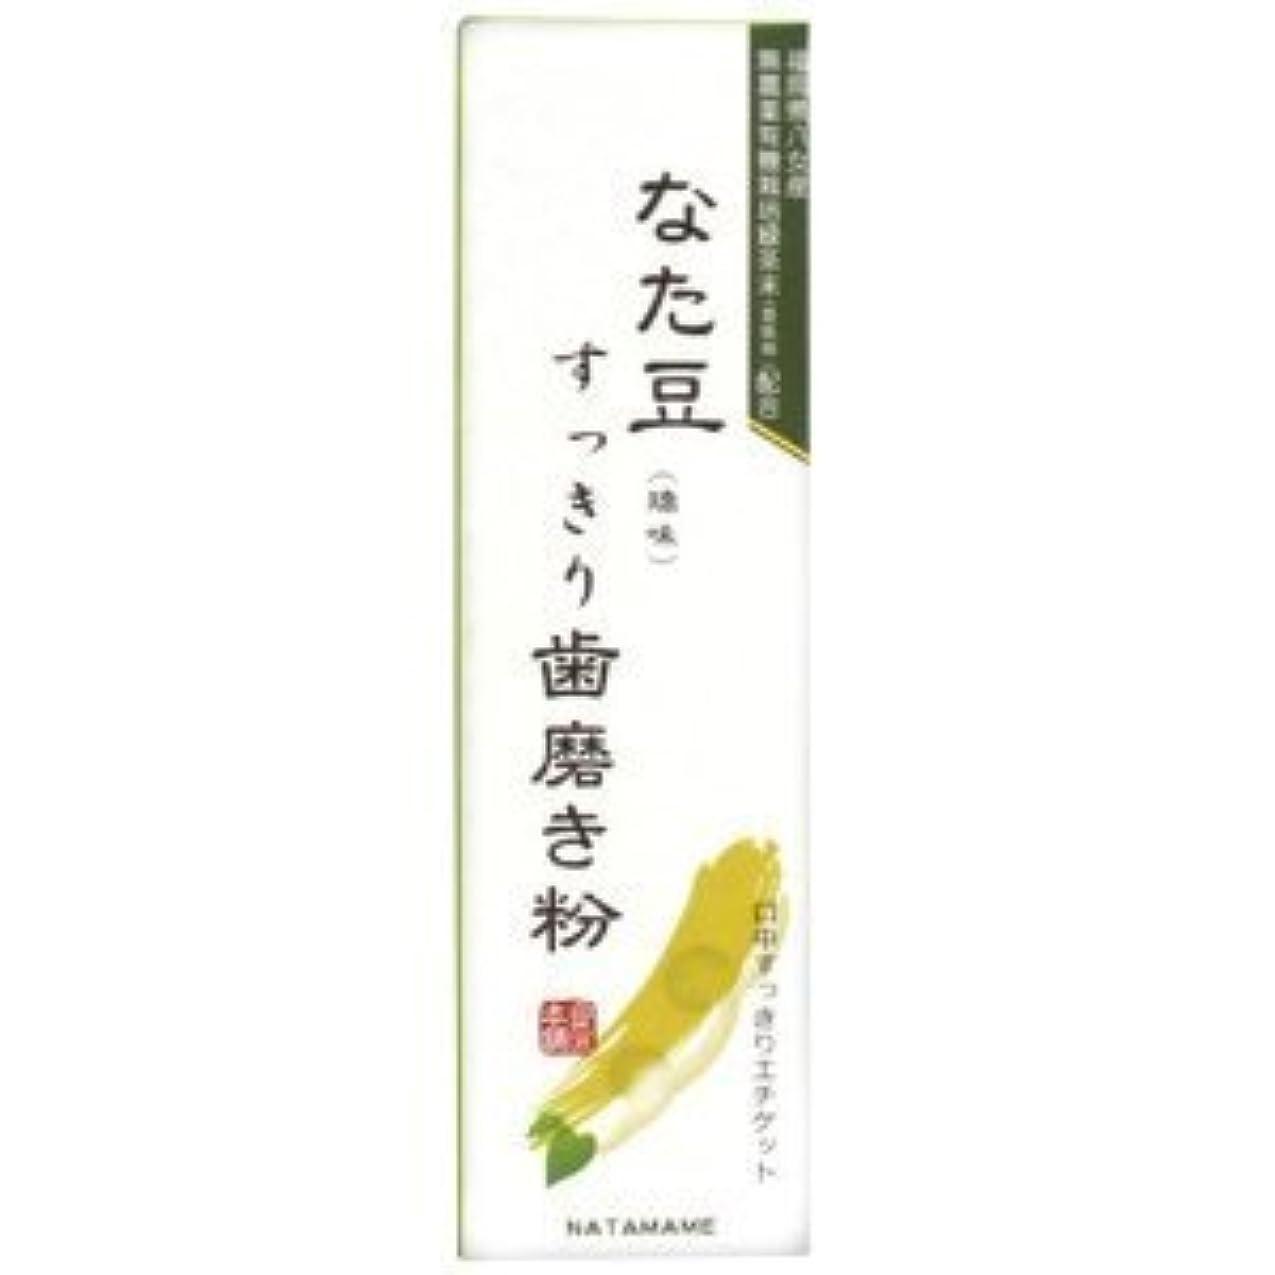 こっそり虫を数えるナチュラルなた豆すっきり歯磨き粉(120g)2本セット